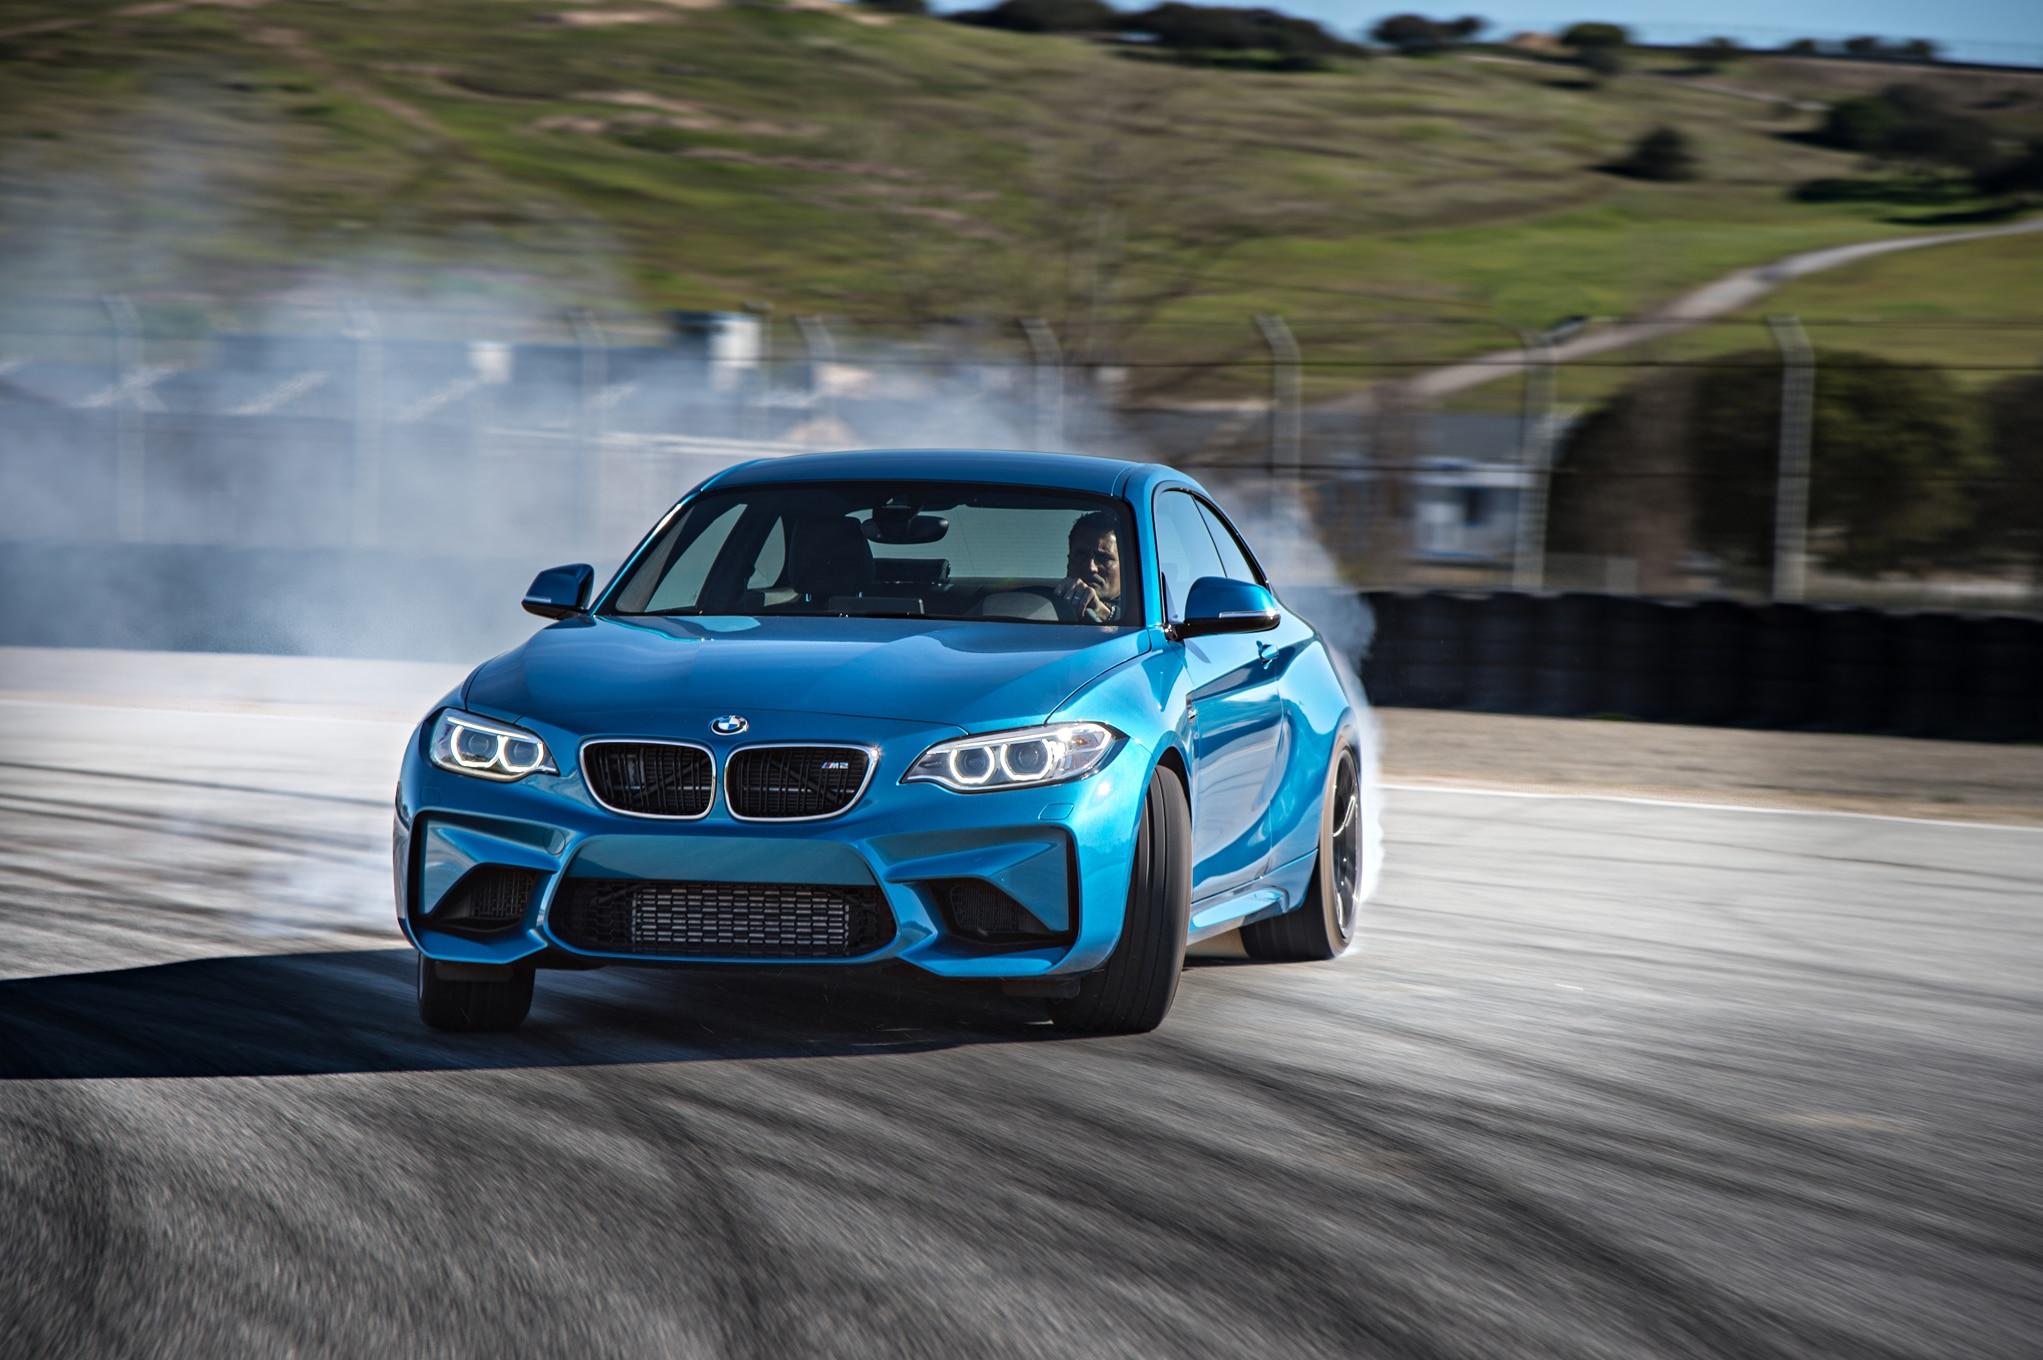 92+ BMW M2 Wallpapers on WallpaperSafari